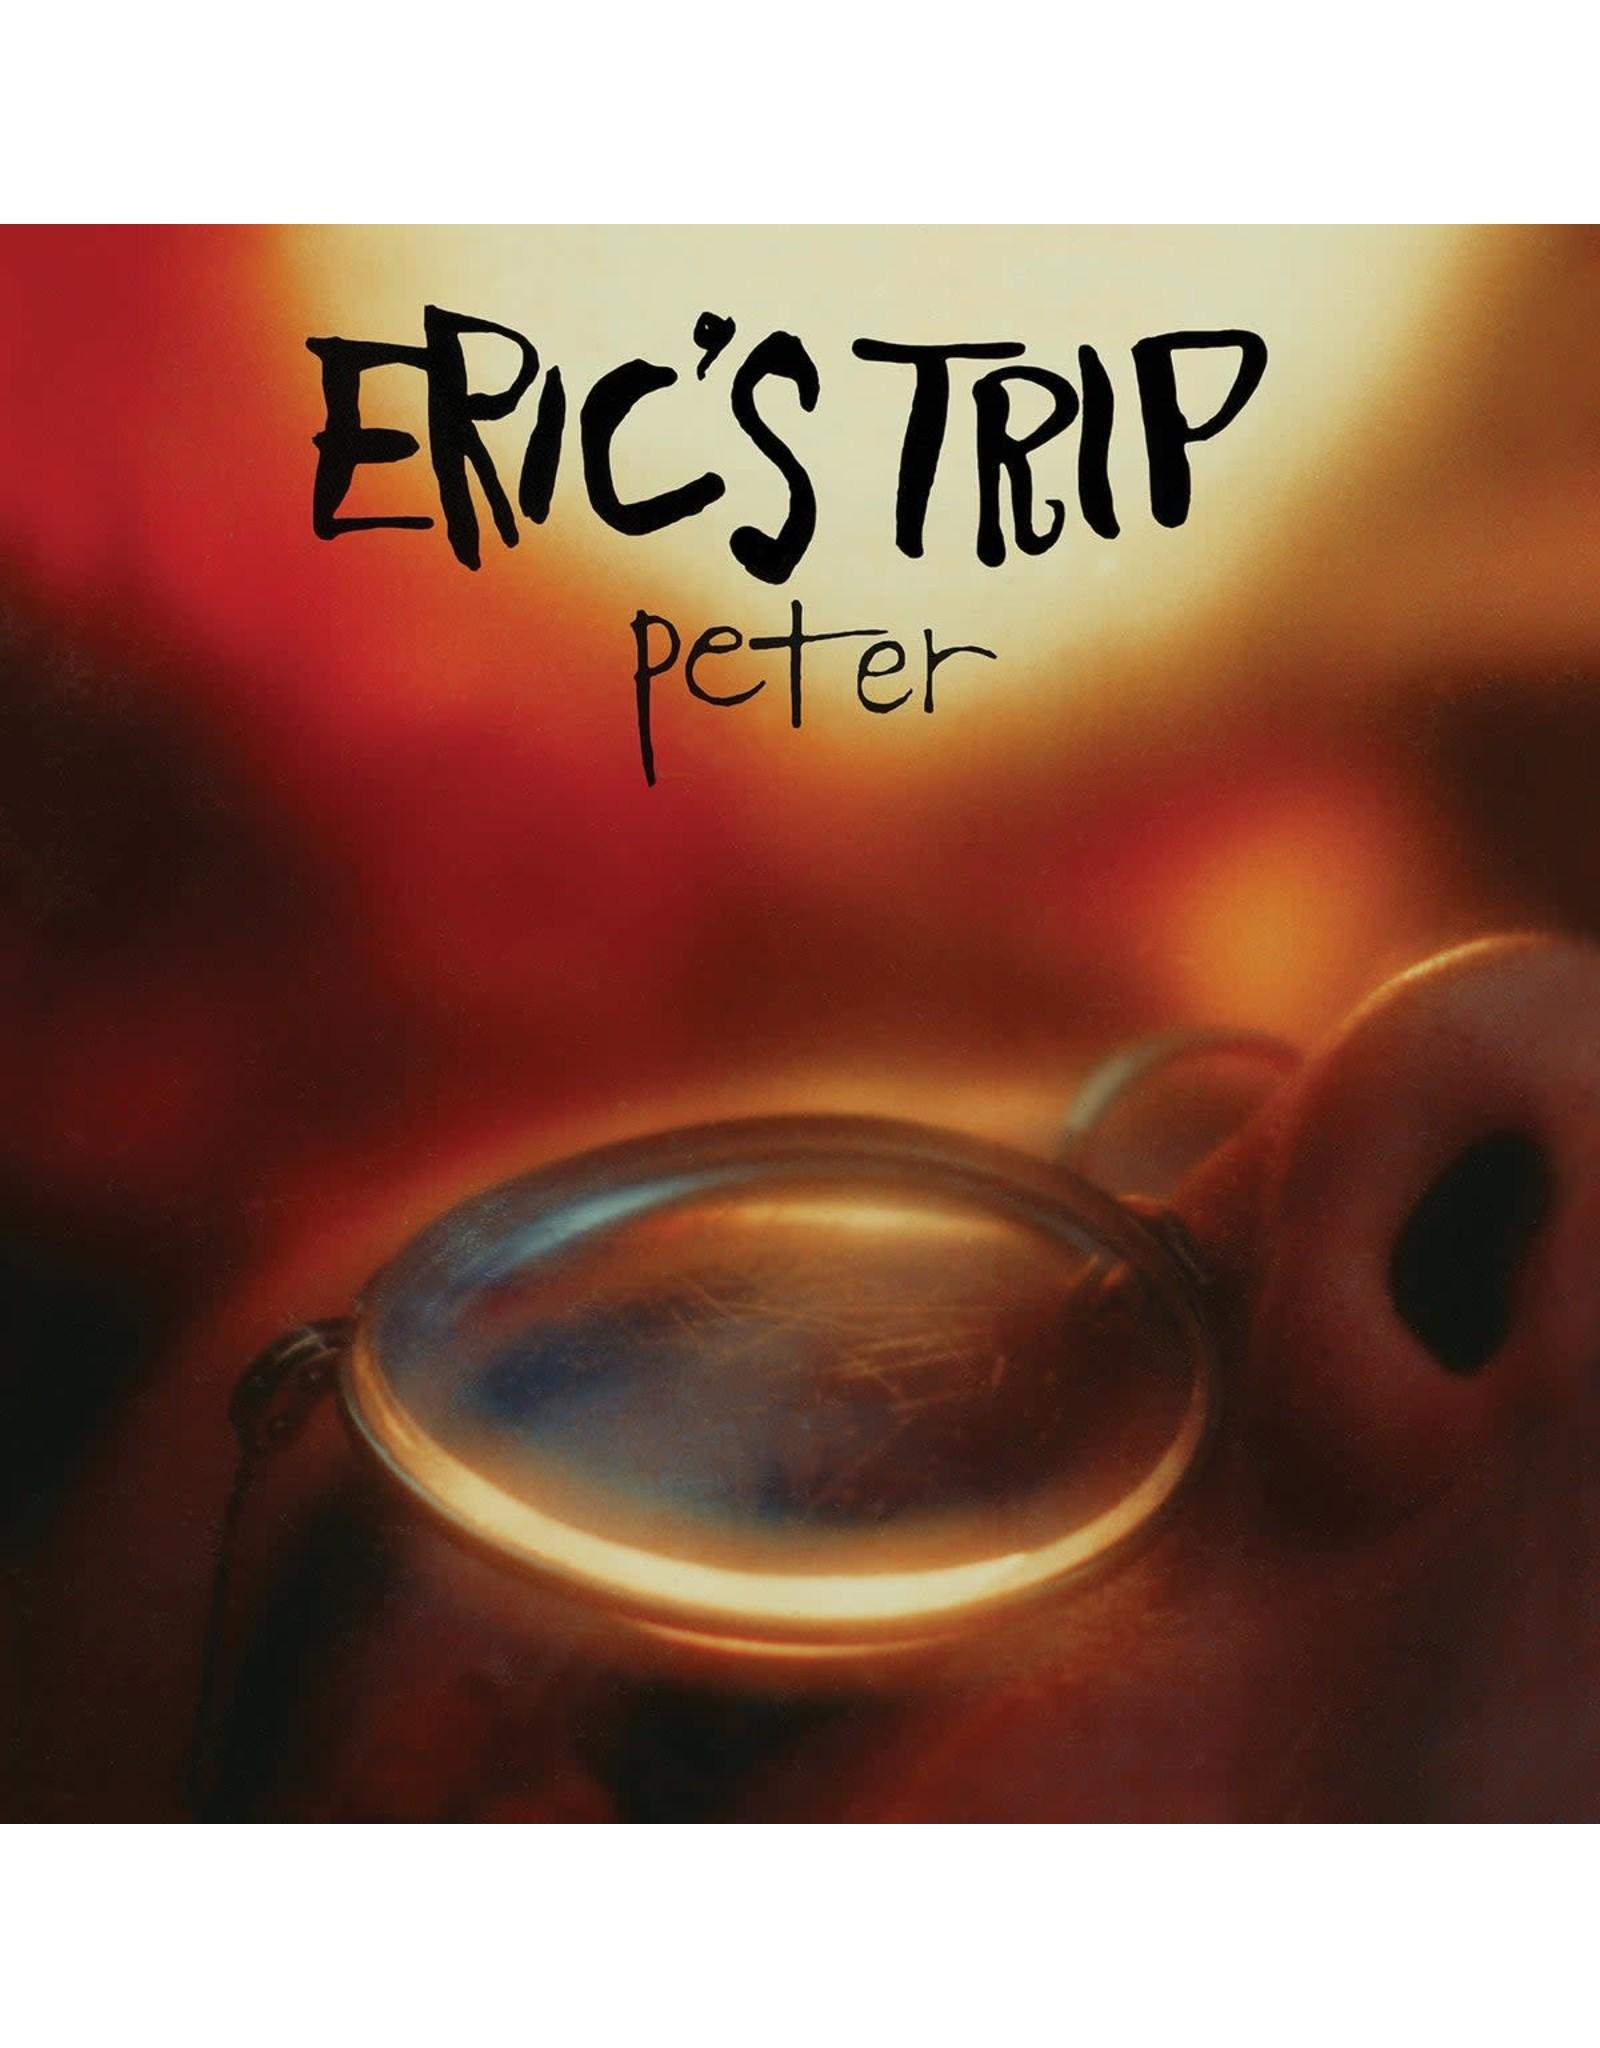 Eric's Trip - Peter (Multi-Colour Swirl Vinyl)